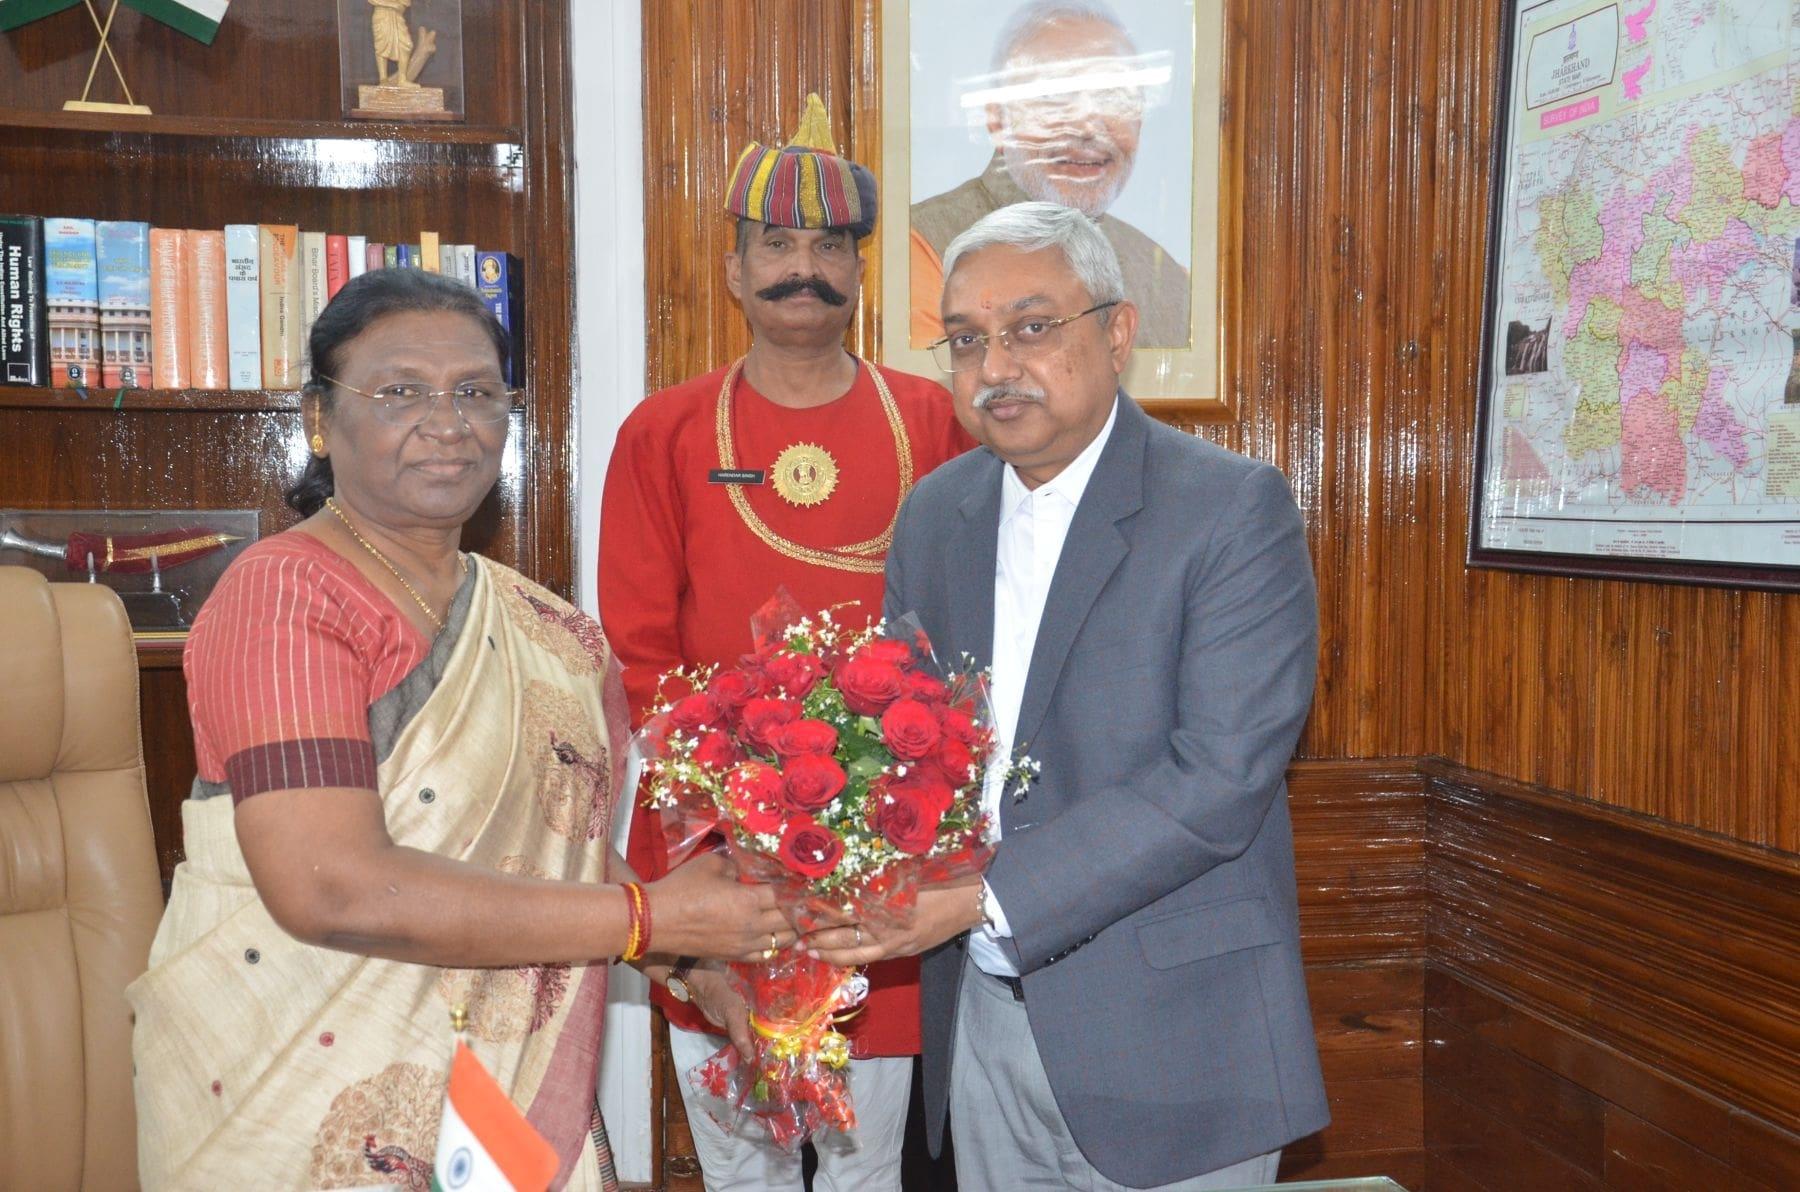 <p>माननीया राज्यपाल द्रौपदी मुर्मू से नवनियुक्त महाधिवक्ता राजीव रंजन ने राजभवन में मुलाकात की । on dated 20/02/2020</p>